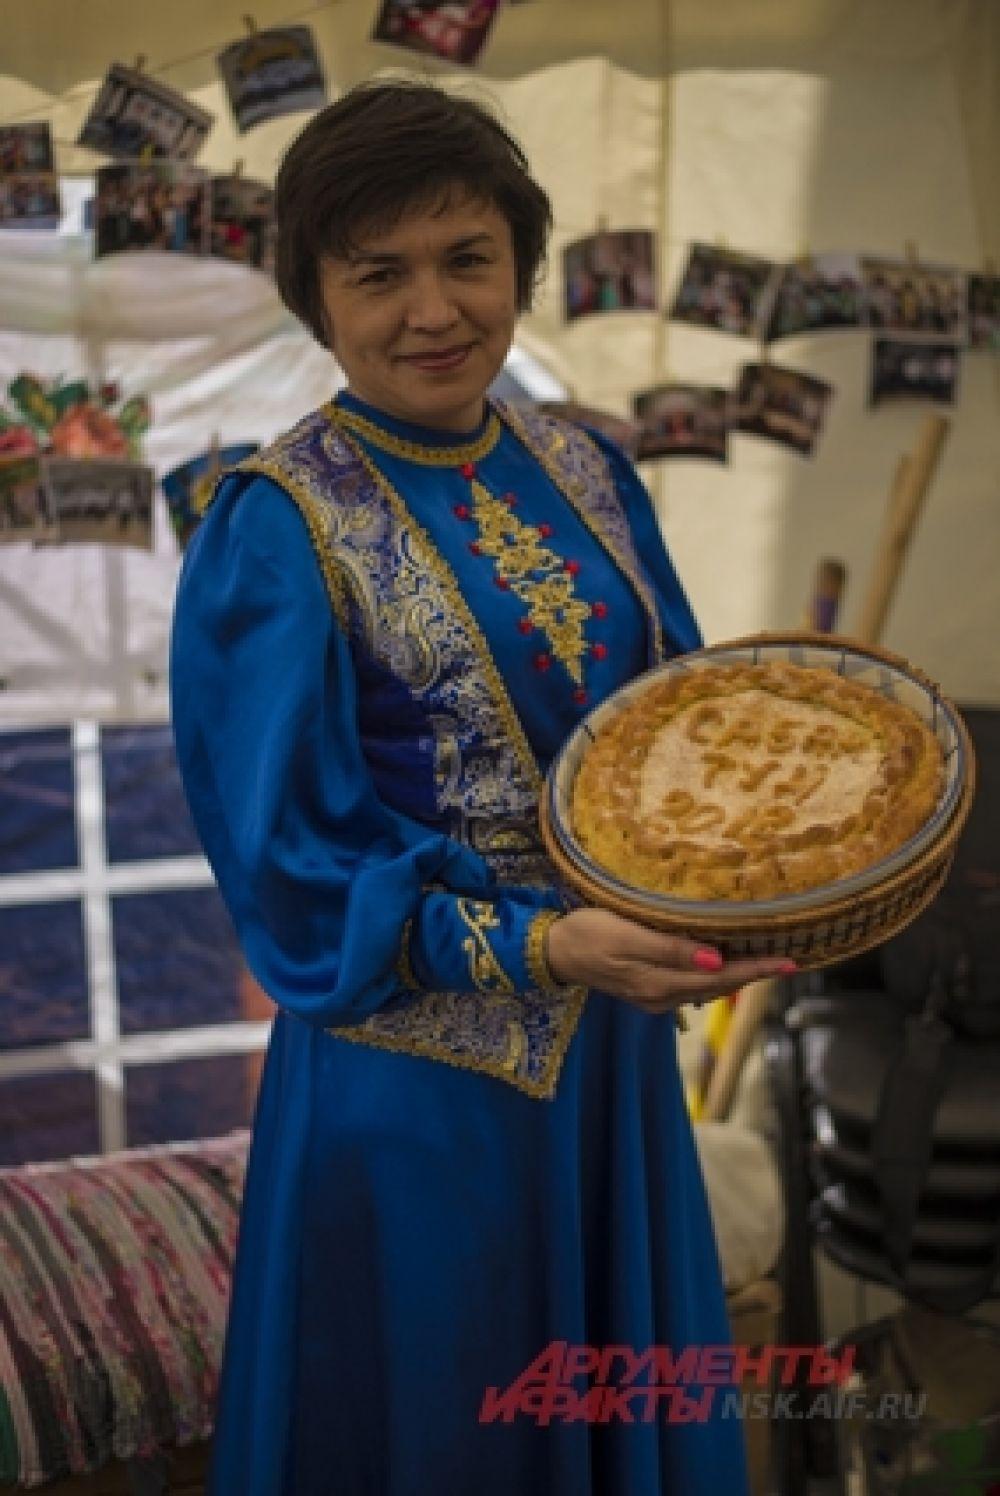 Гости могли попробовать традиционные татарские блюда, также они делились рецептами семейного меню.